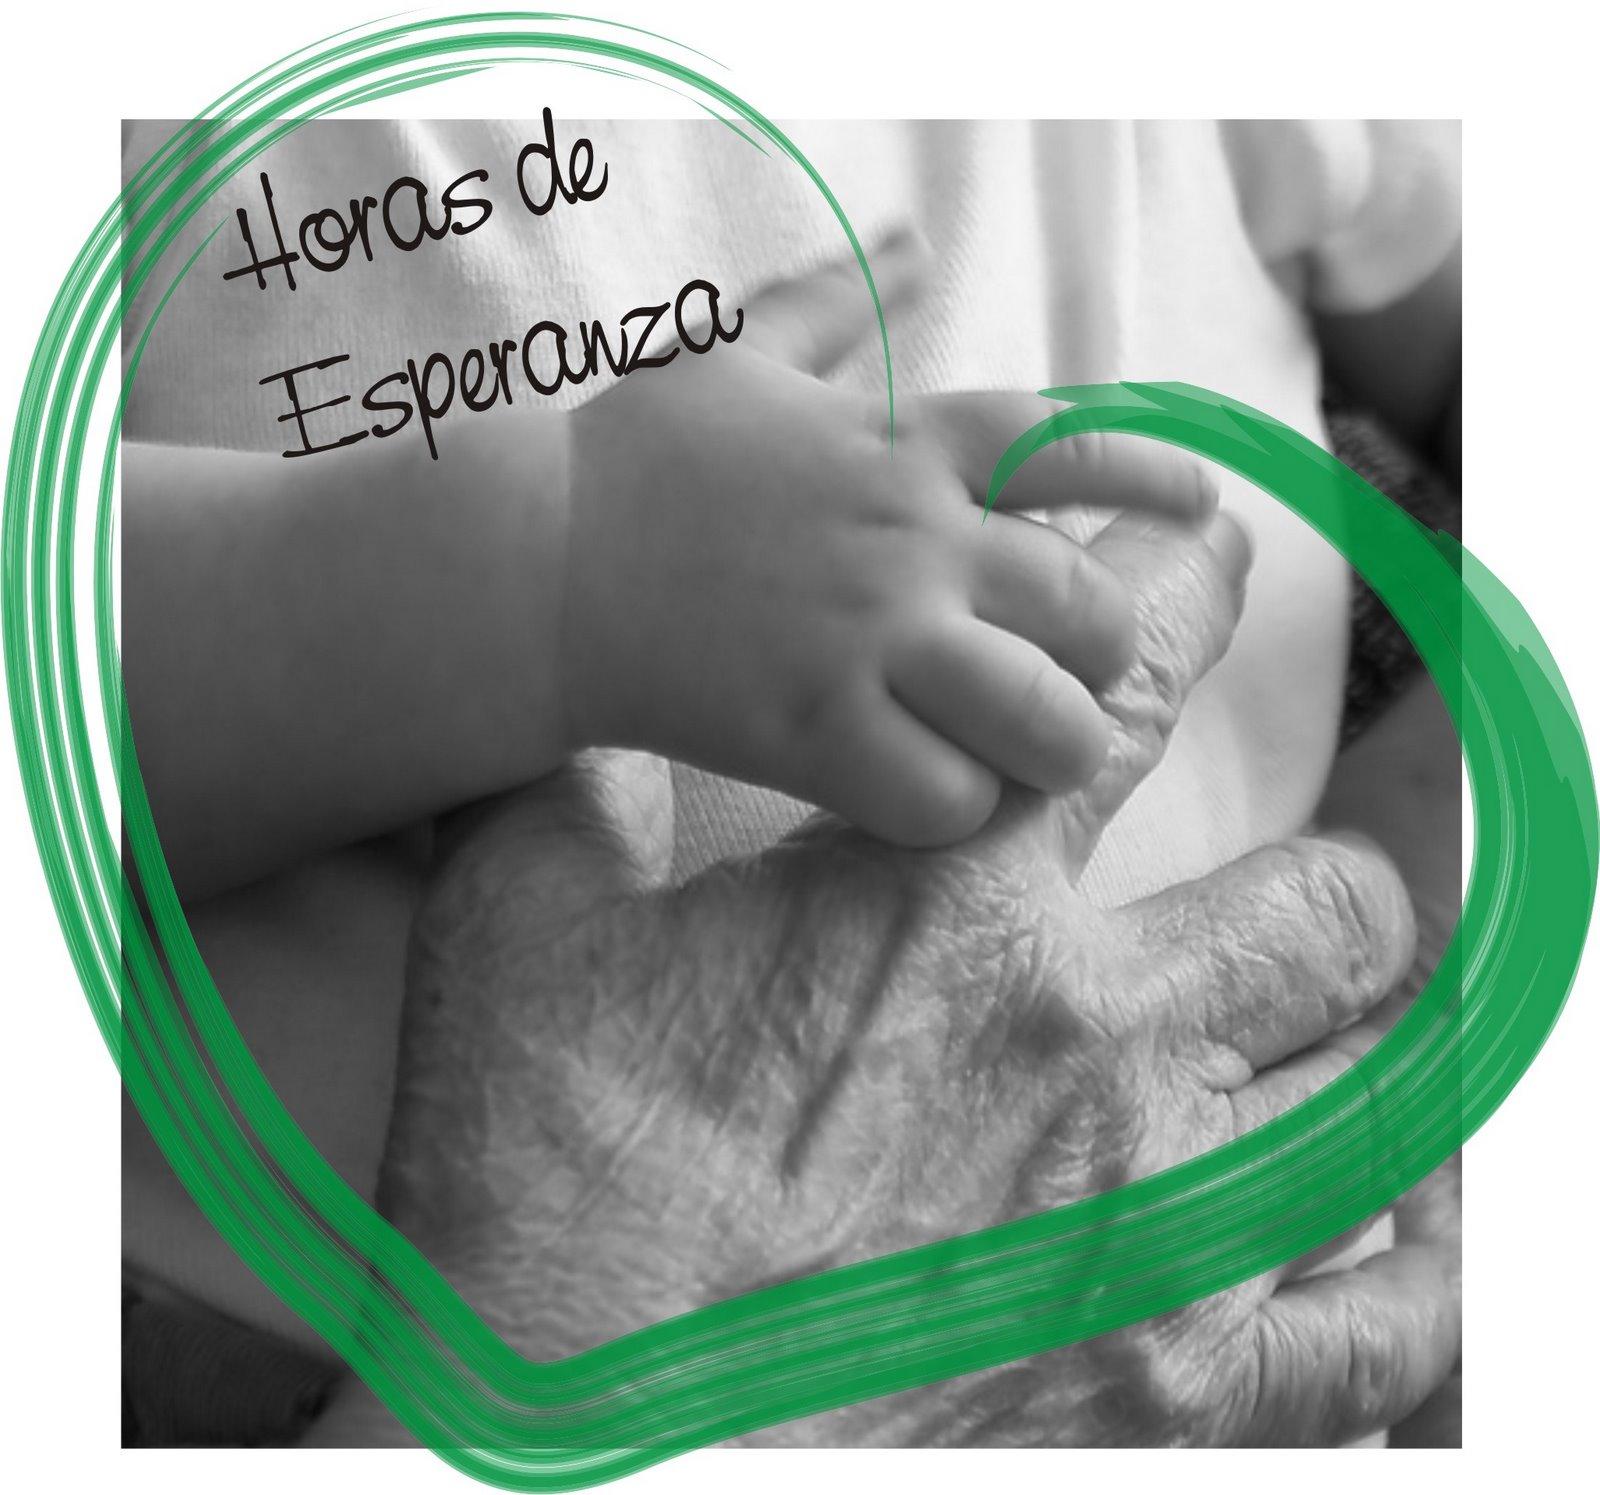 http://1.bp.blogspot.com/_Y9w9jkbff-I/S7gjHqE0XsI/AAAAAAAADjE/_1qWBot8rh8/s1600/horas+de+esperanza(1).jpg